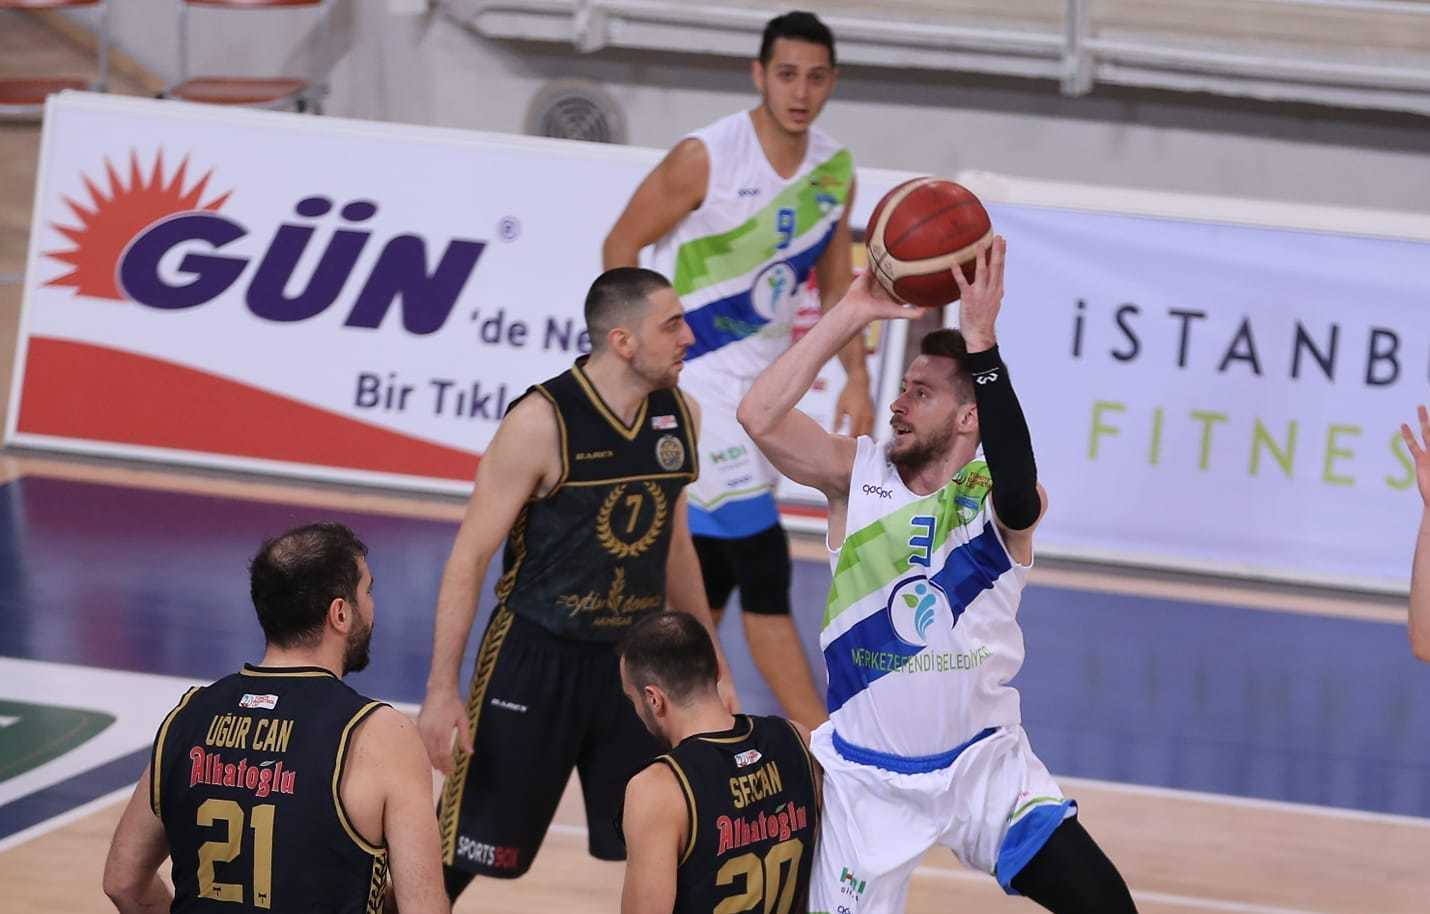 Олександр Мішула провів результативний матч в Туреччині